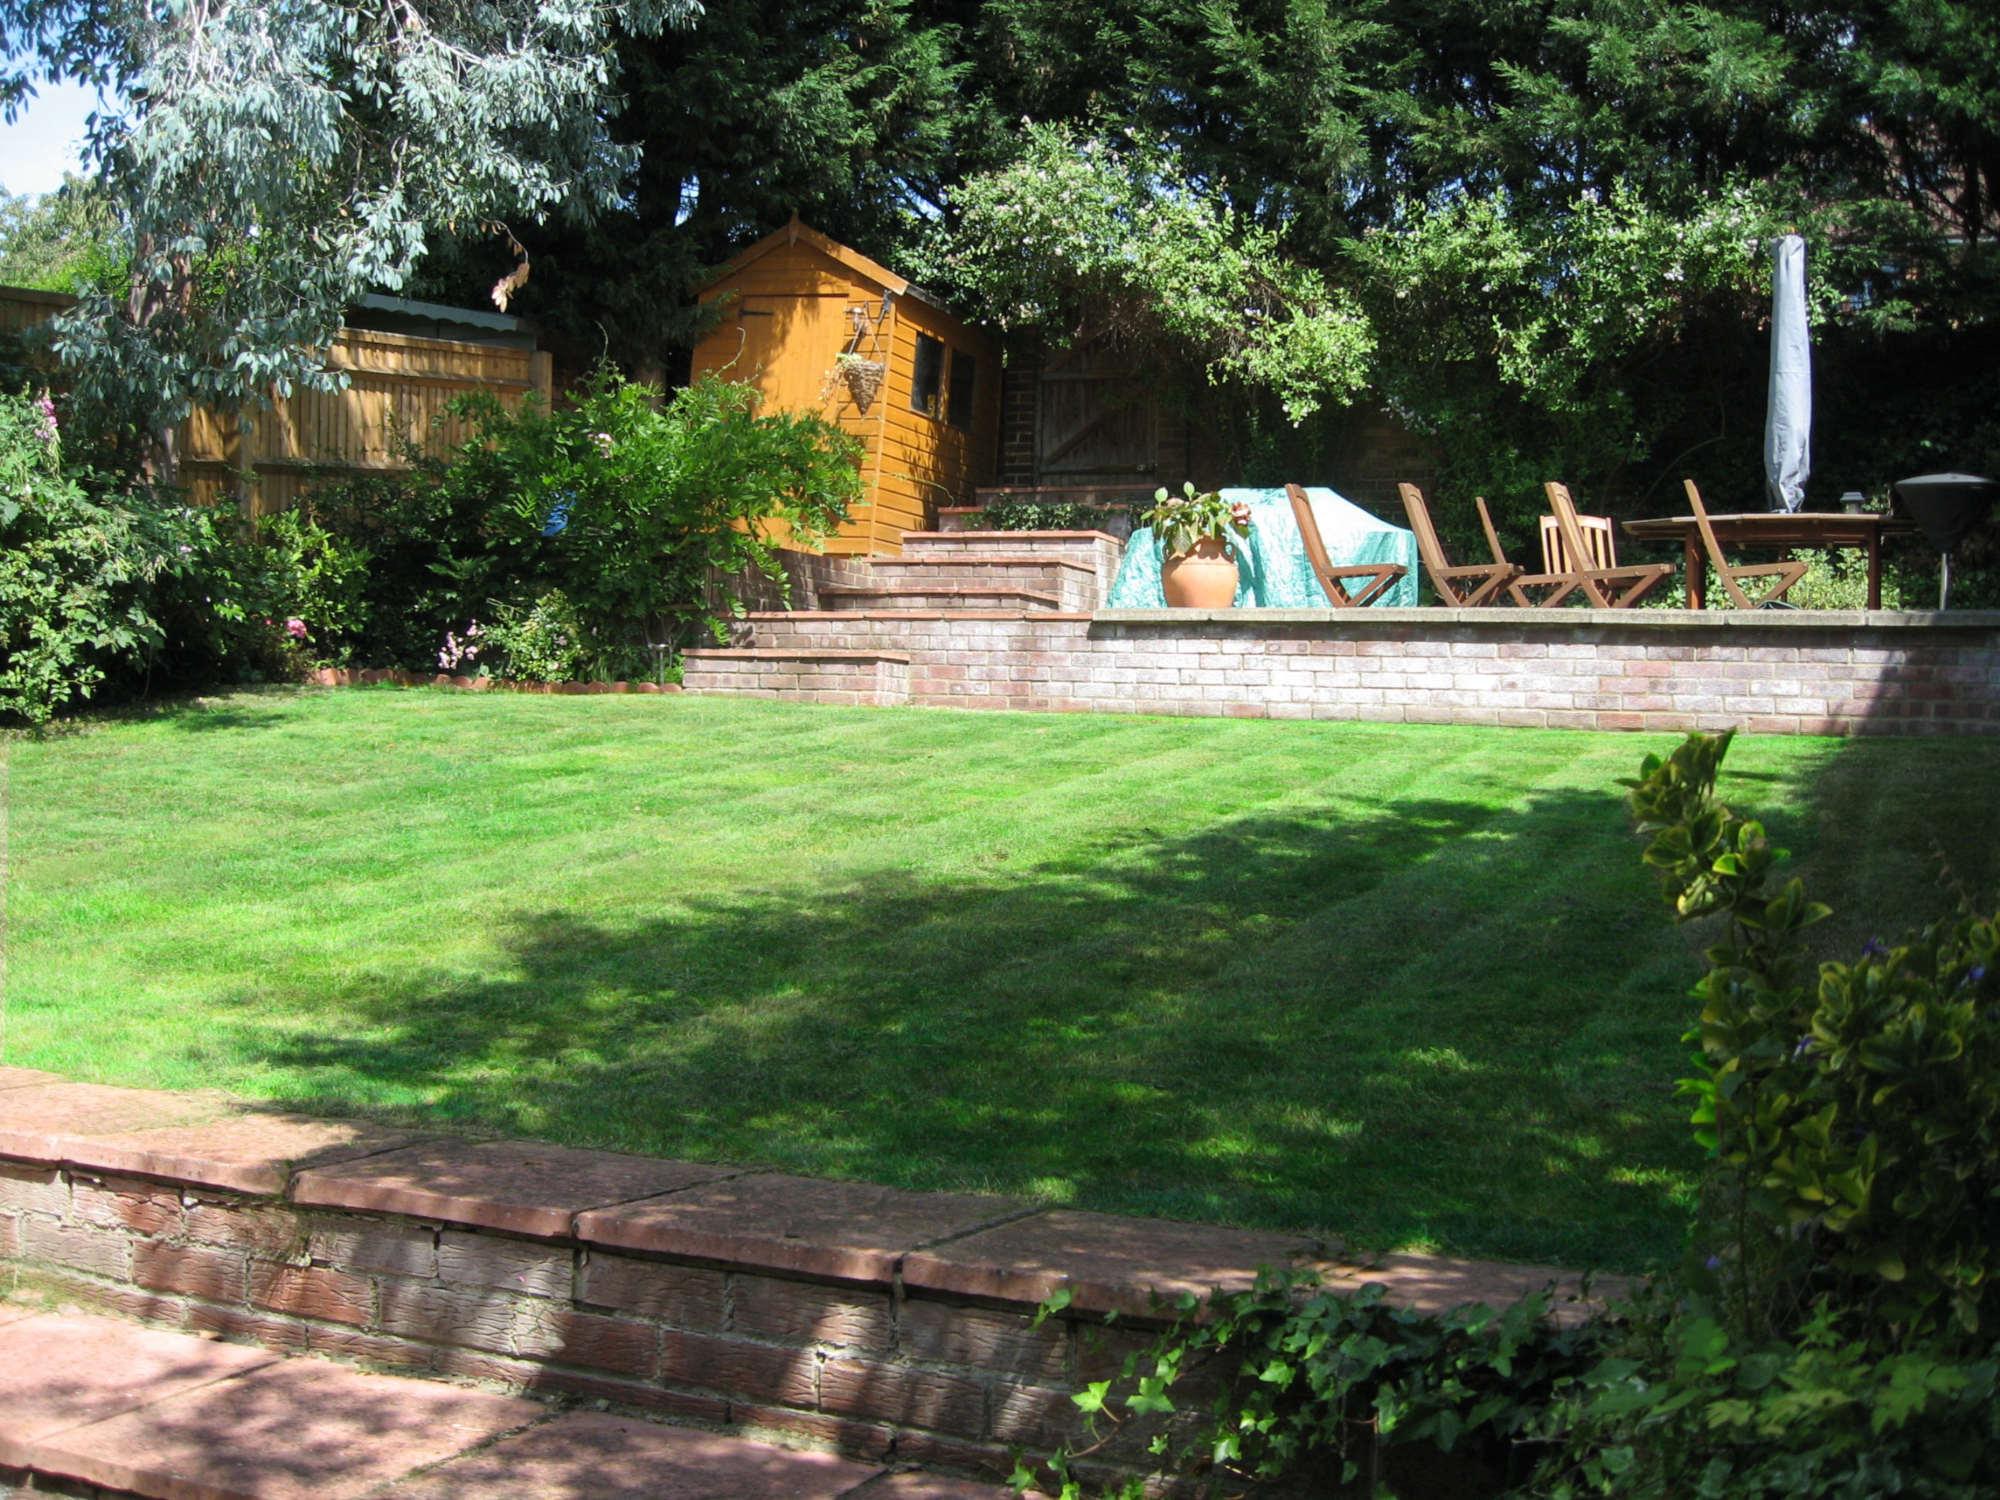 Domestic Terraced Garden